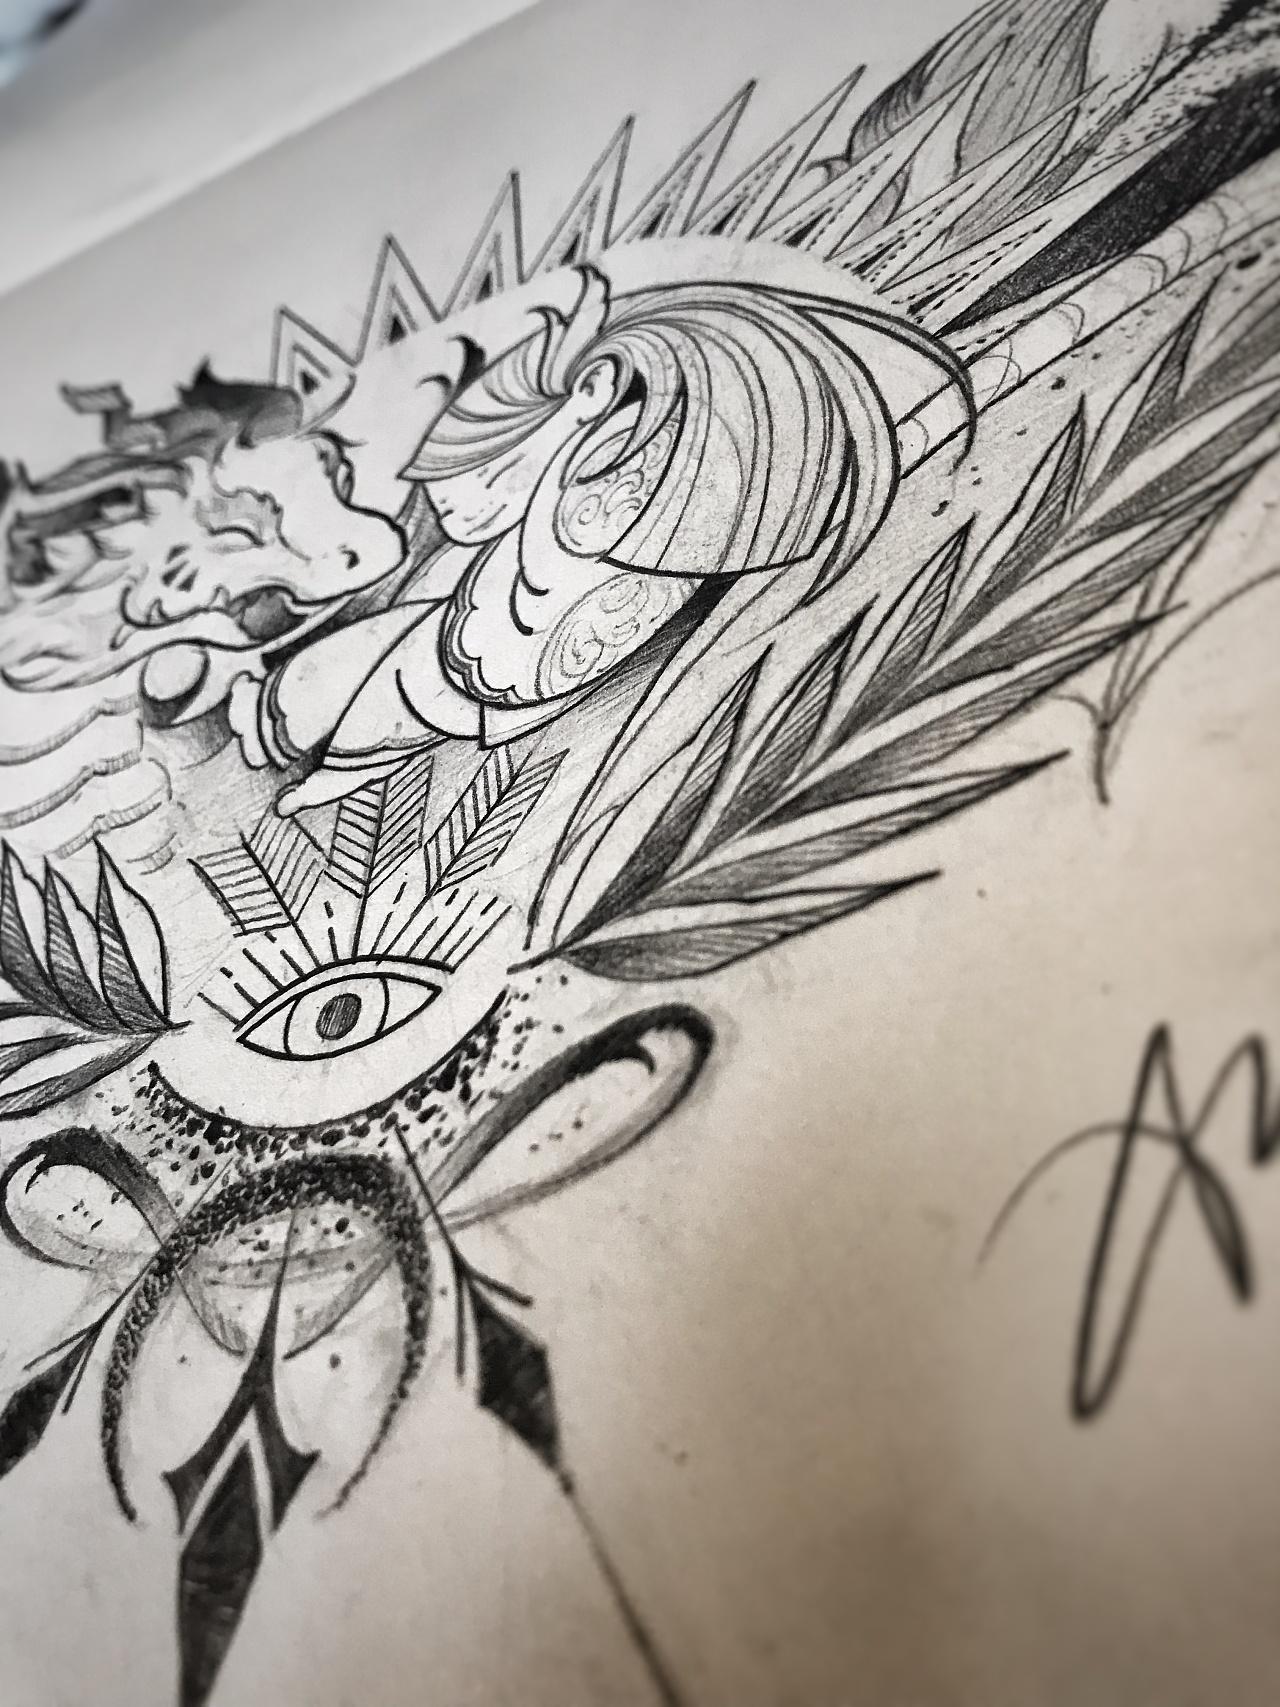 四爪彩色半甲龙纹身手稿图案_符割线图★北京延庆派艺纹身店★